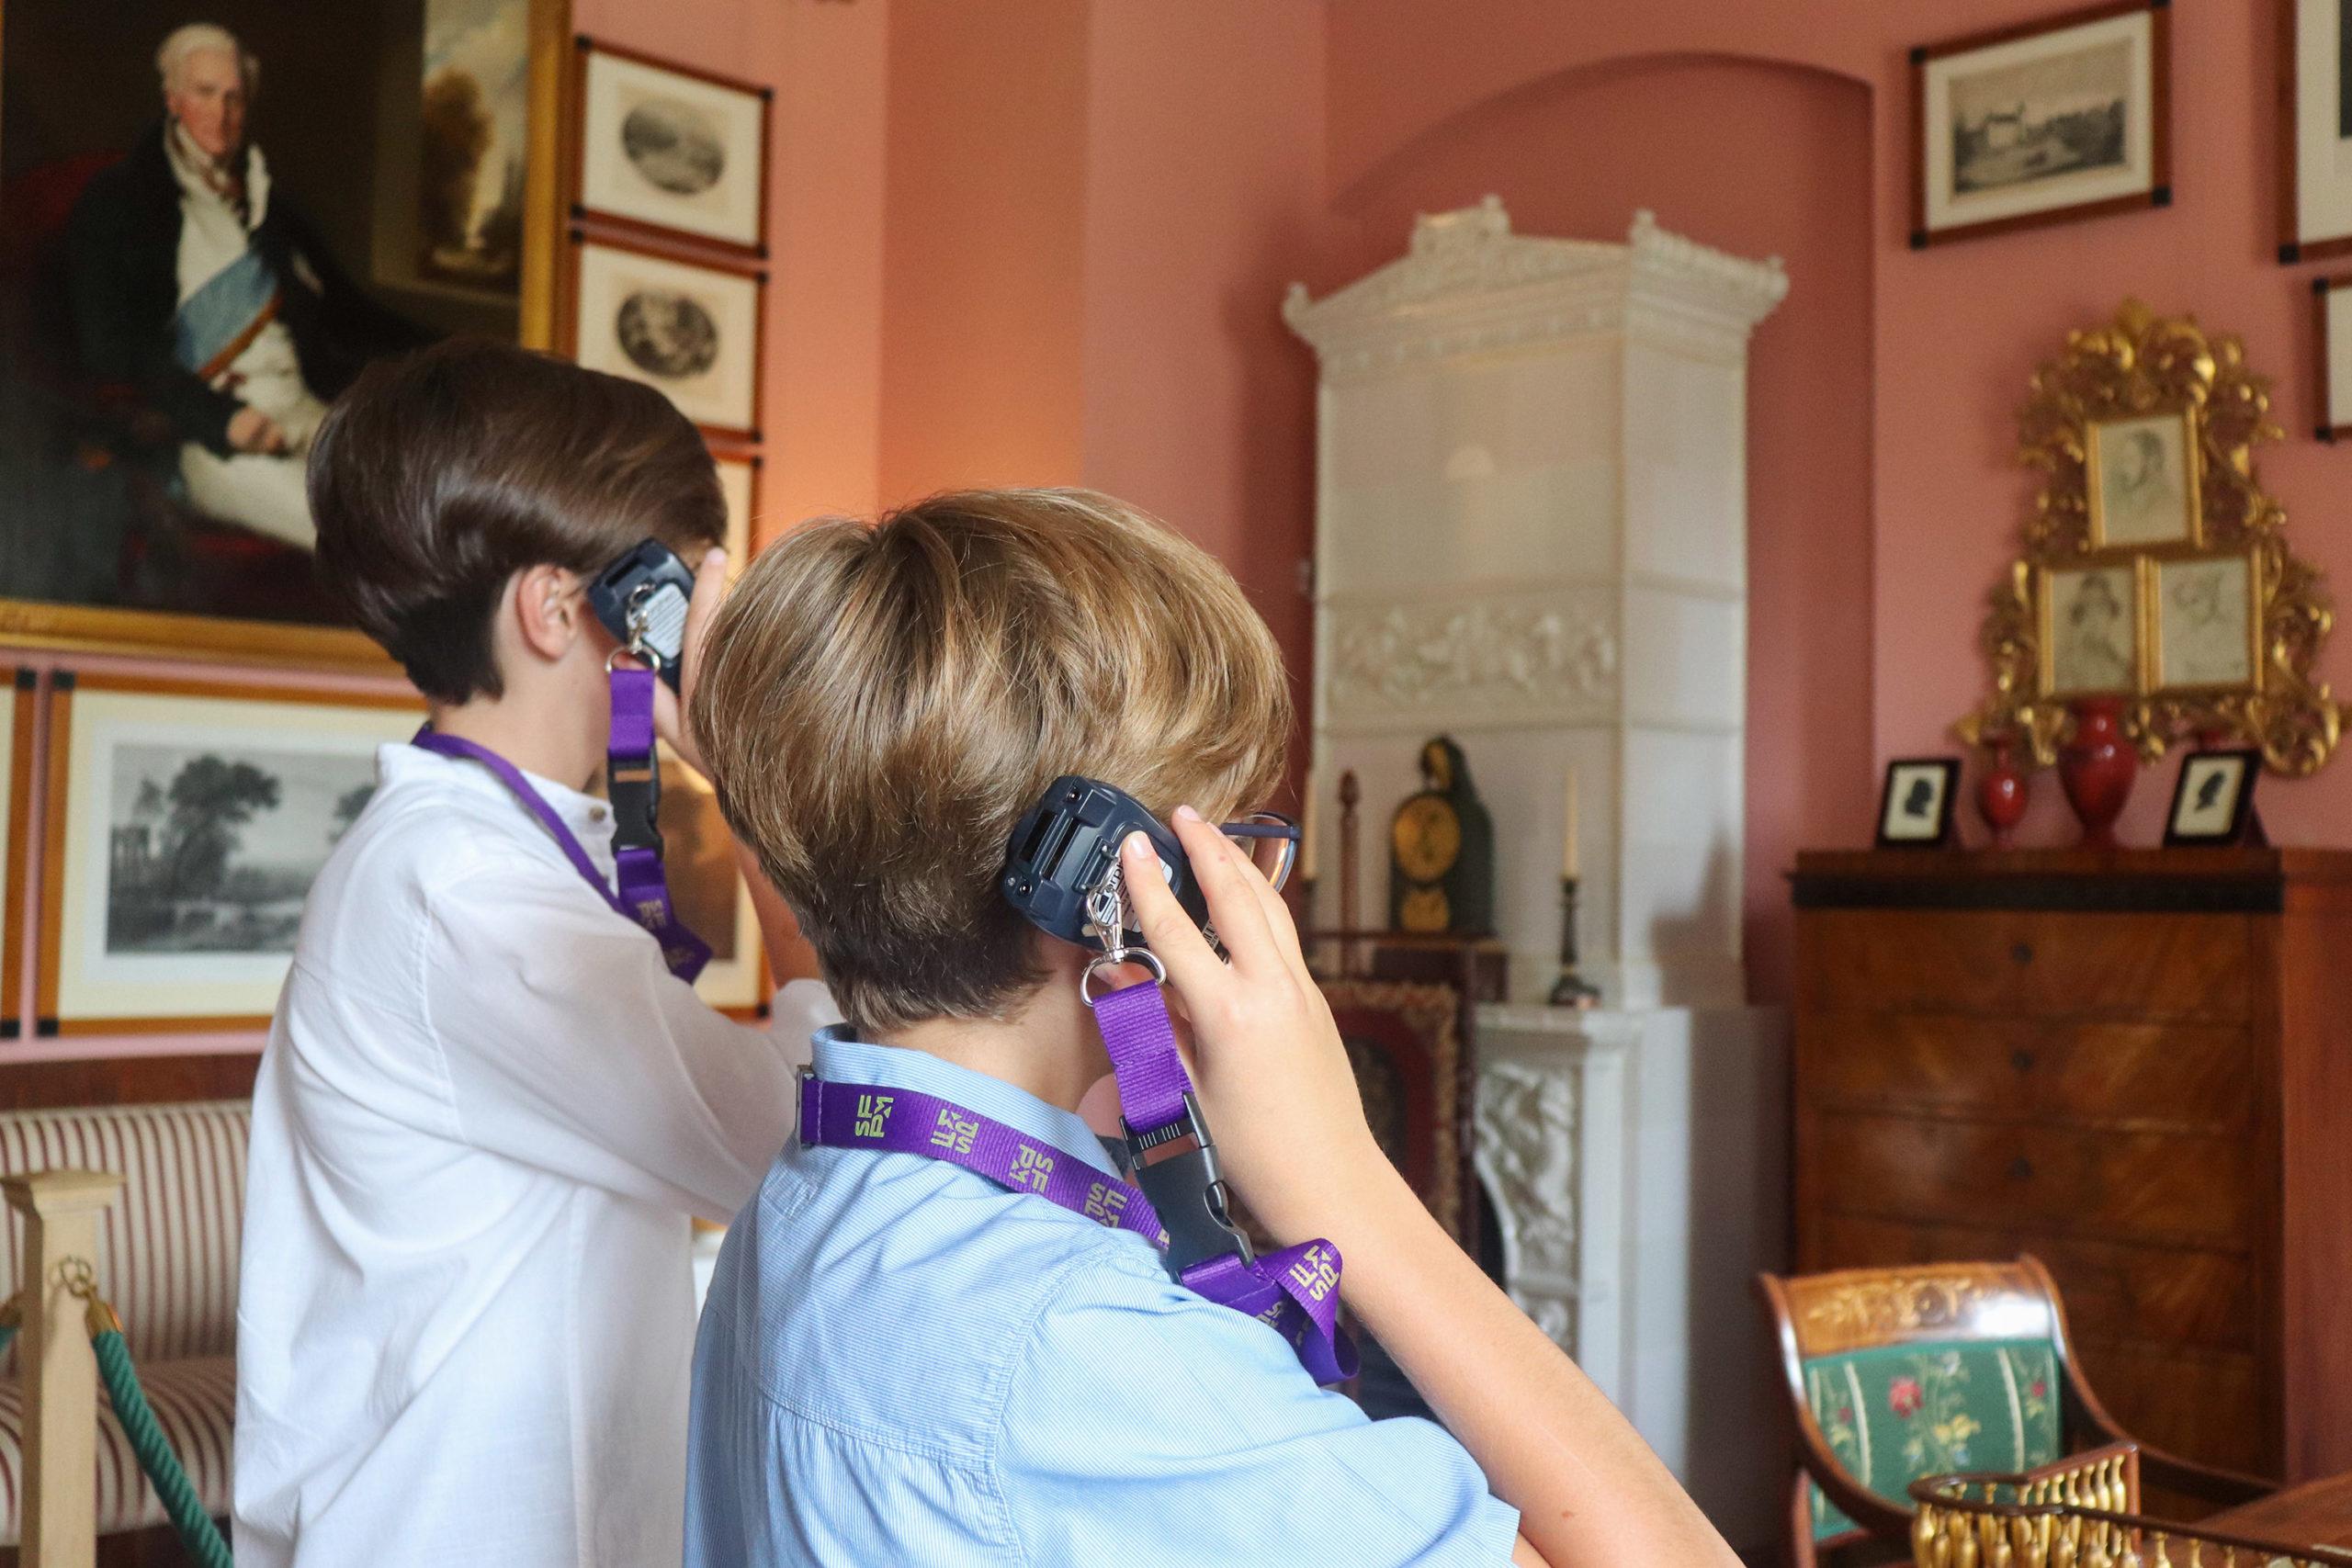 Zwei Jungs mit einem Audioguide am Ohr schauen sich im Schloss Branitz die Kleine Saalstube der Fürstin Lucie von Pückler an und lauschen den Informationen des Audioguides